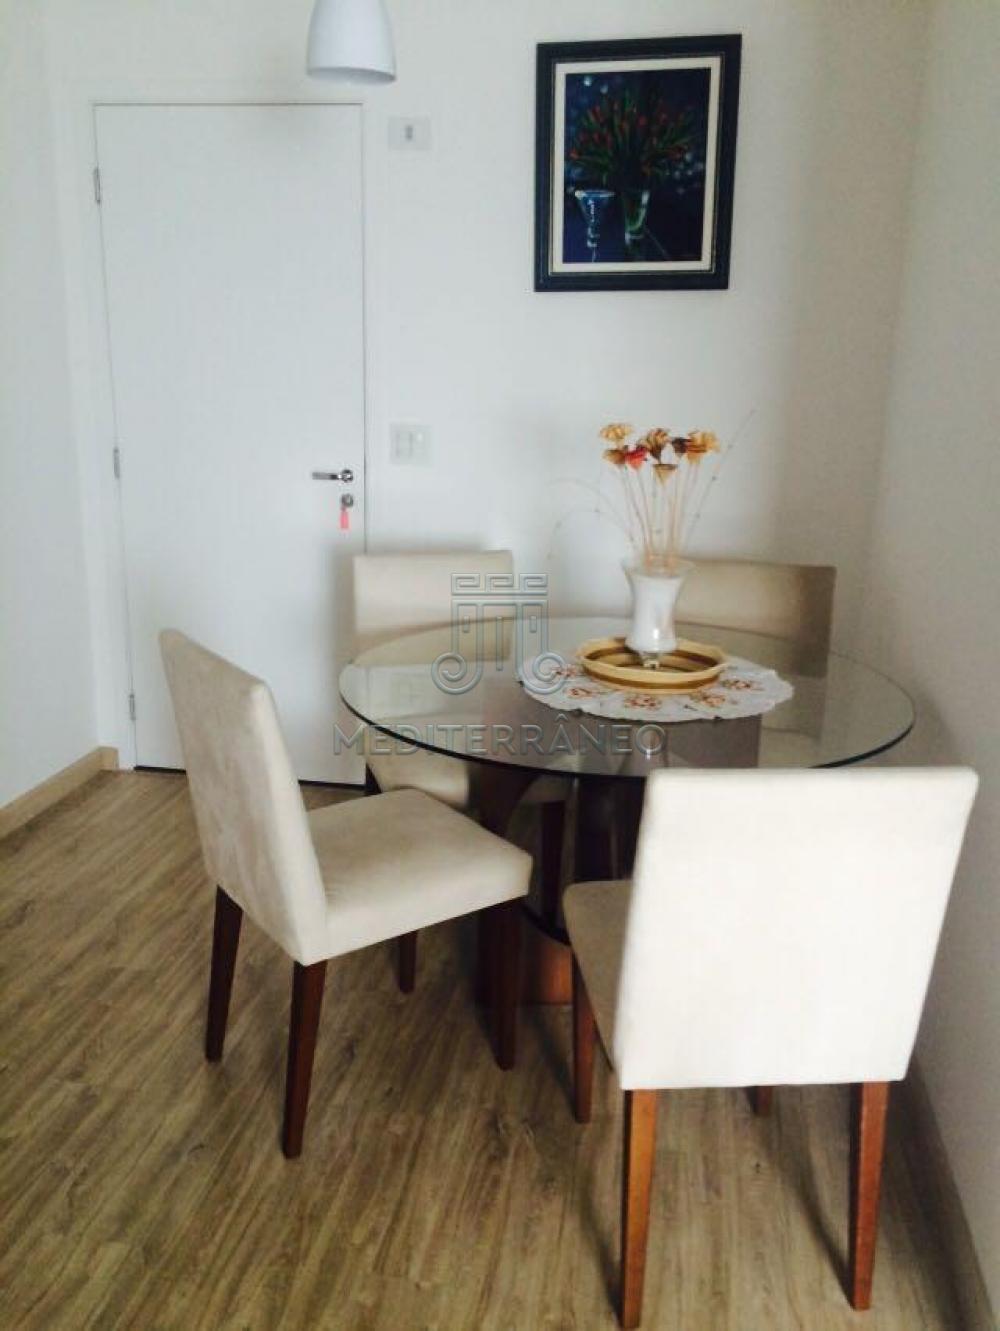 Alugar Apartamento / Padrão em Jundiaí apenas R$ 1.650,00 - Foto 5